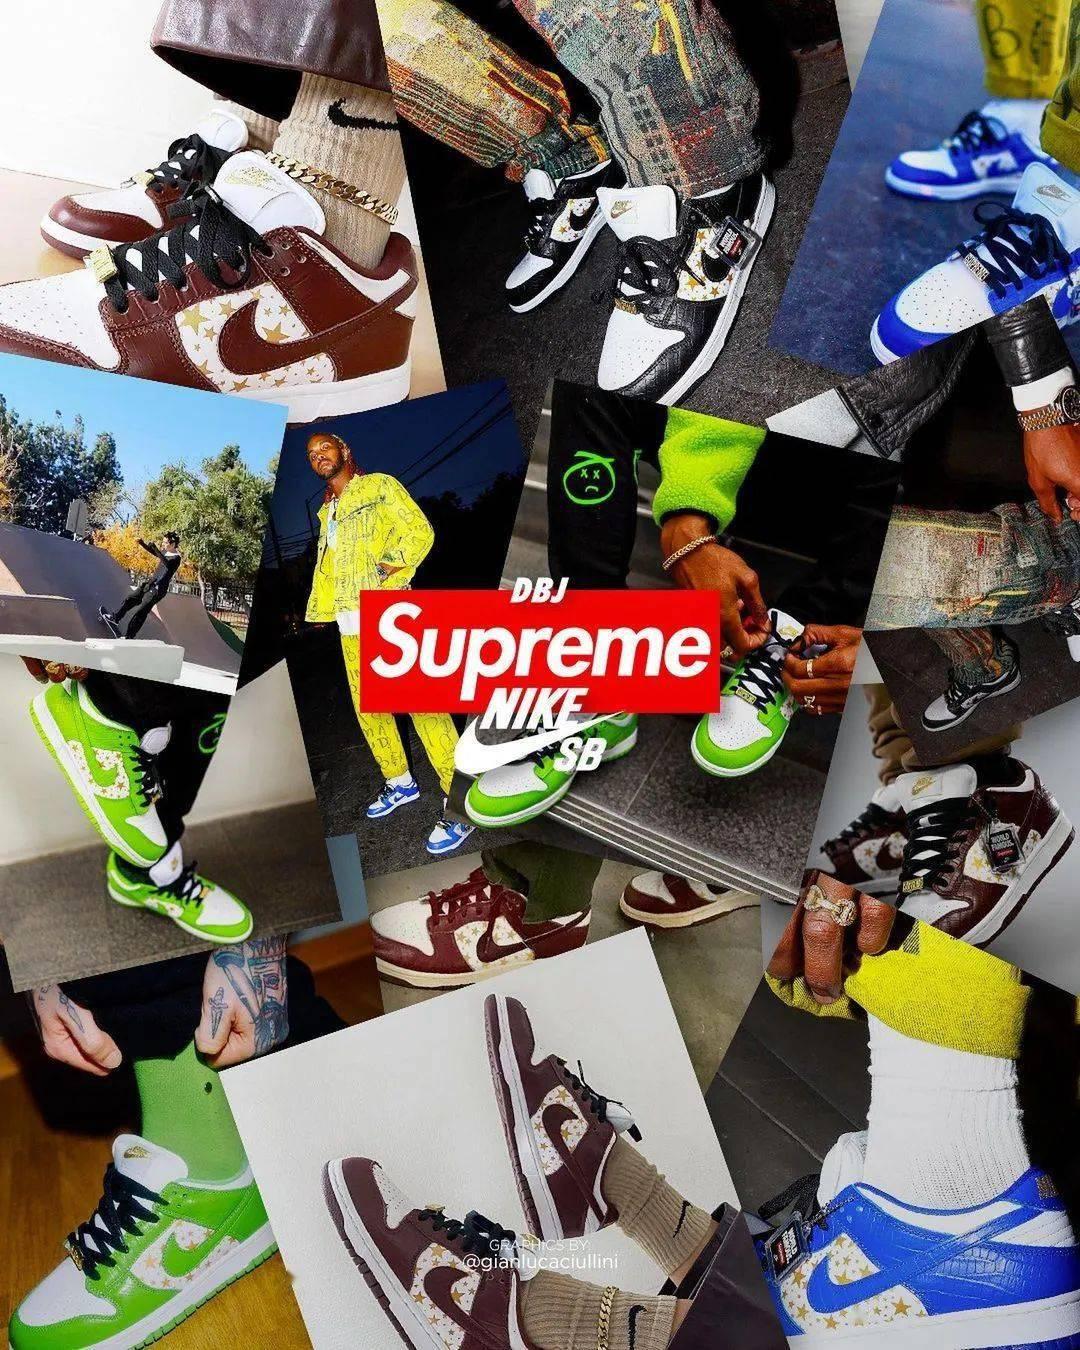 细节改动不少!Supreme x Air Jordan 1 最新消息!